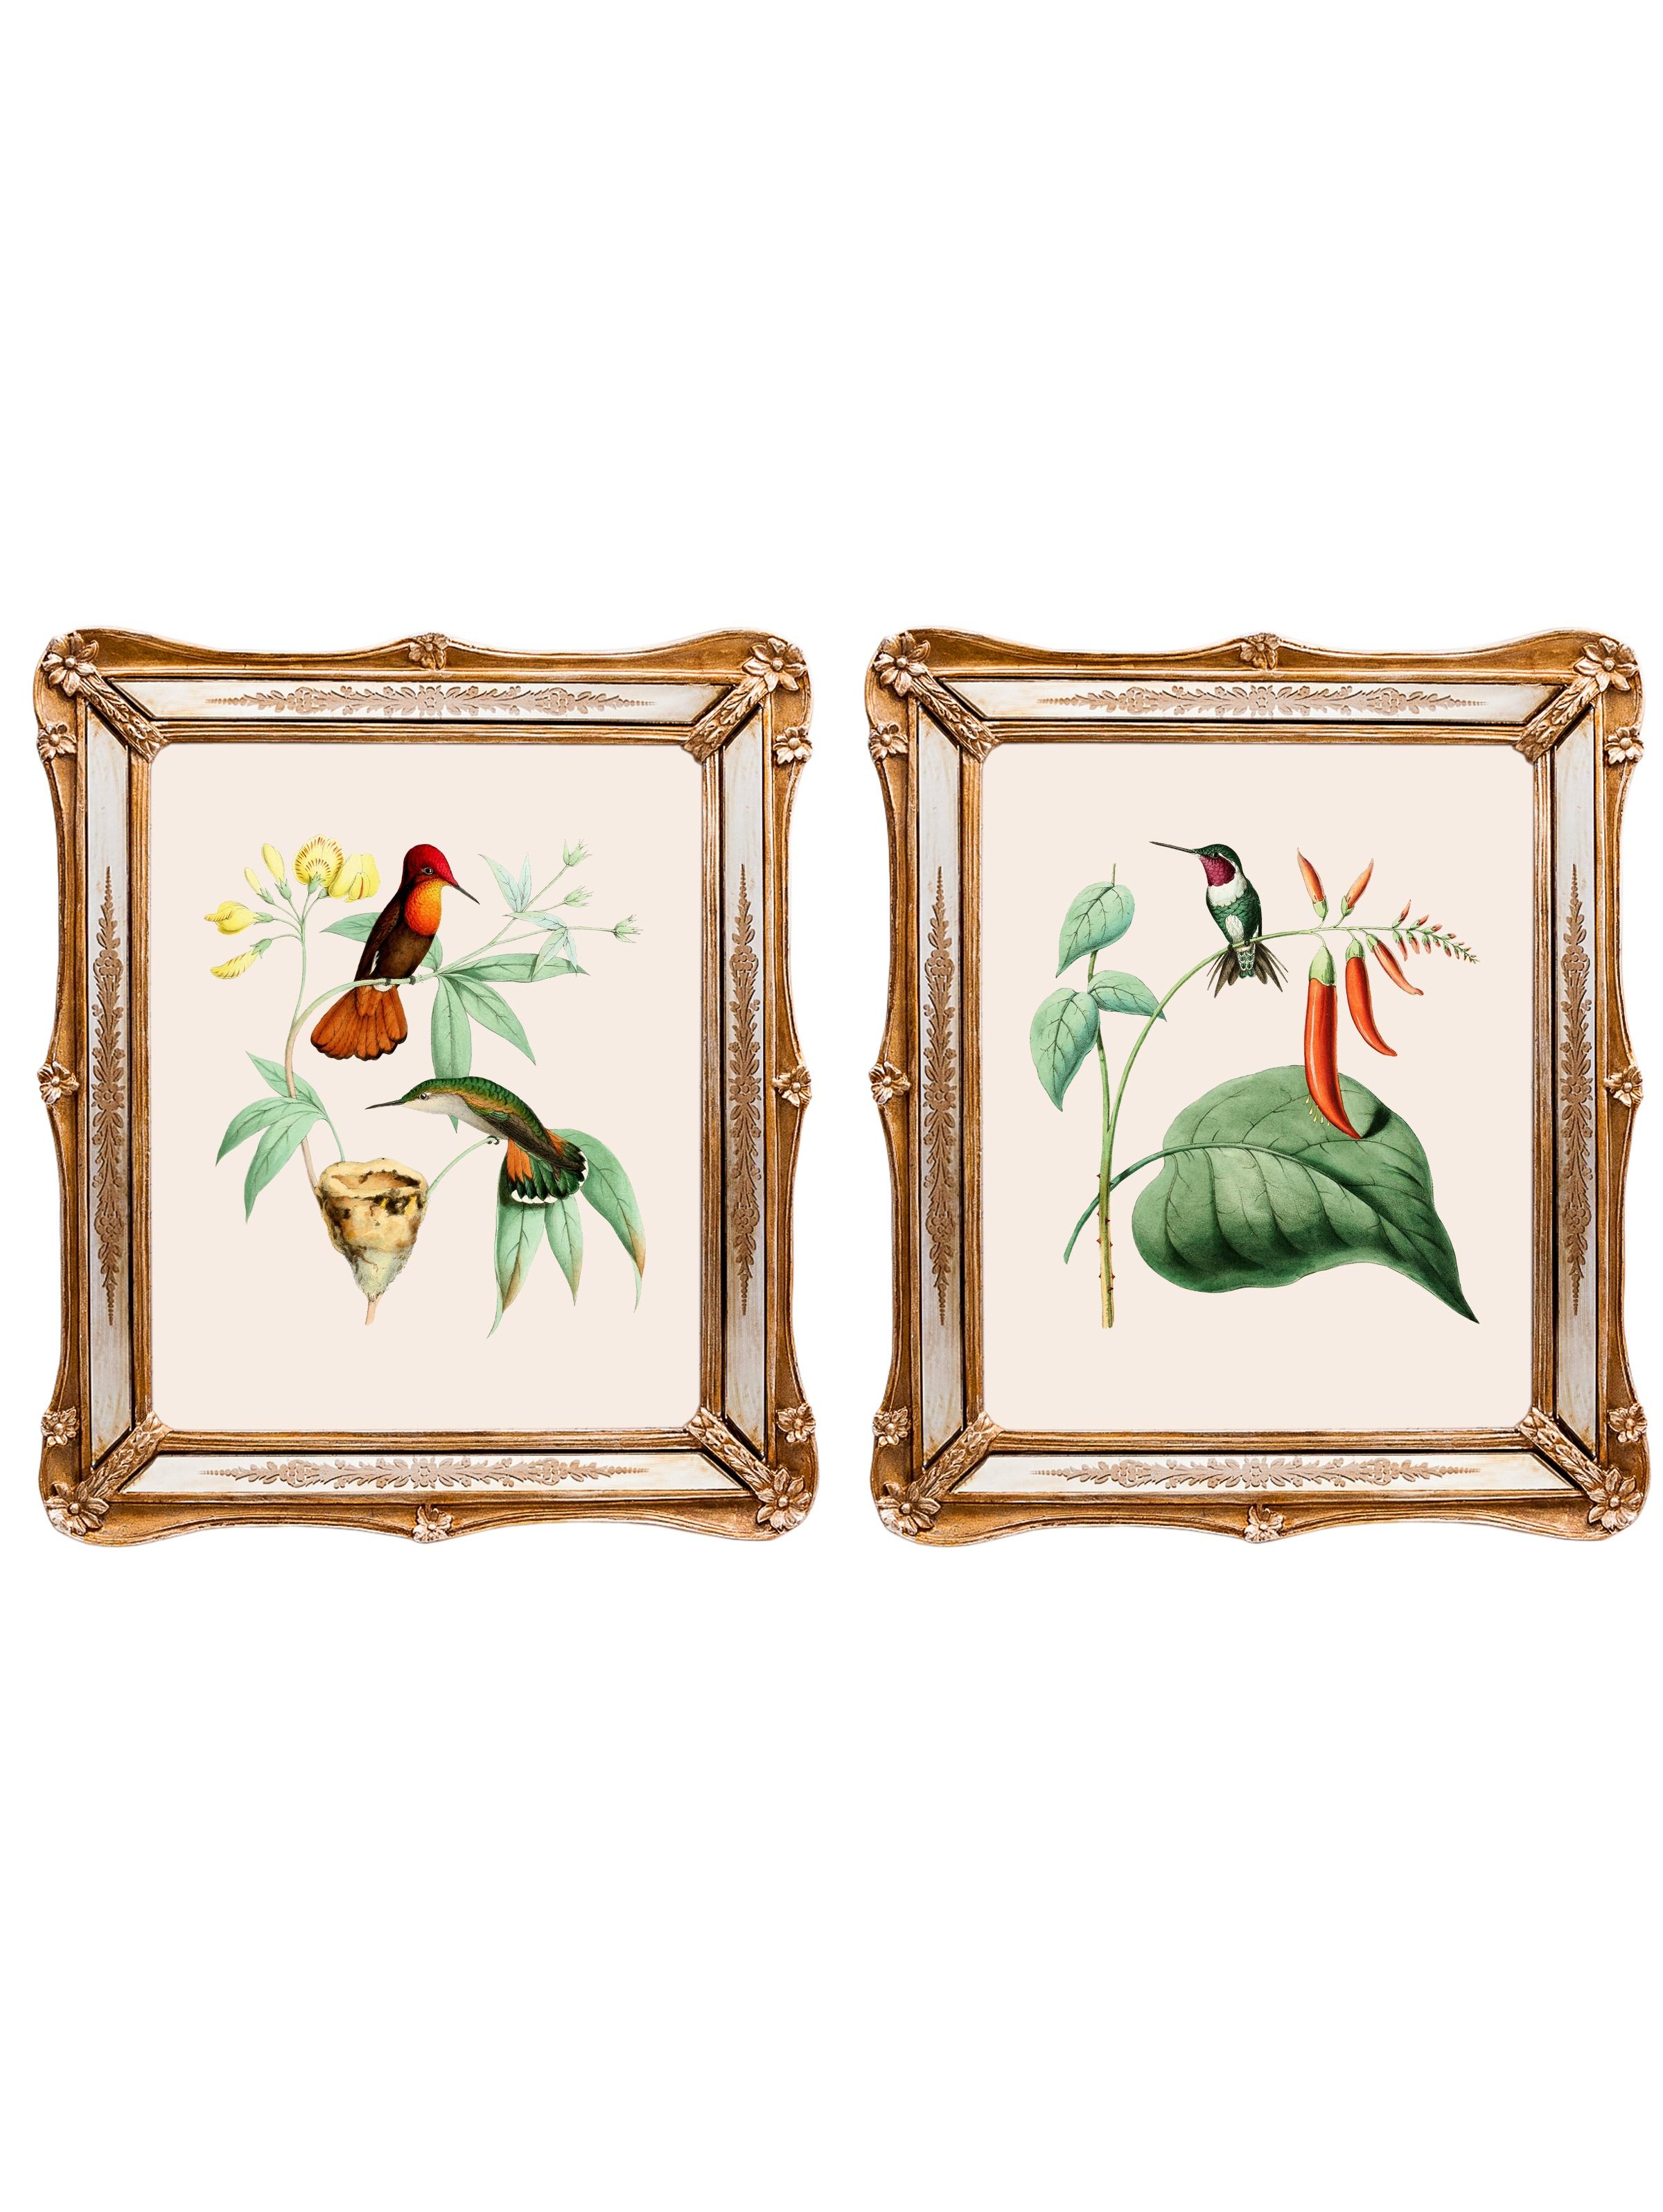 Набор из двух репродукций Софи.Картины<br>&amp;lt;div&amp;gt;Репродукции акварелей 19 века с изображениями райских птиц наполнят атмосферу дома волнительными нотками прошлых столетий. На этих работах присутствует ореол романтики, теплоты, нежности. Репродукции акварелей в рамах с зеркальными вставками и золотым рельефом фантастически преображается в освещенном солнцем интерьере. Картины можно повесить на стену, а можно поставить, например, на стол или камин. Защитный стеклянный слой сохранит изображение от воздействий окружающей среды. Если Вам захочется обновить интерьер, Вы можете с легкостью заменить изображение картины!&amp;lt;/div&amp;gt;&amp;lt;div&amp;gt;&amp;lt;br&amp;gt;&amp;lt;/div&amp;gt;&amp;lt;div&amp;gt;Изображение - дизайнерская бумага; рама - искуственный камень, зеркальные вставки; защитный слой - стекло&amp;amp;nbsp;&amp;lt;/div&amp;gt;&amp;lt;div&amp;gt;Цвет: мультиколор&amp;lt;/div&amp;gt;<br><br>Material: Бумага<br>Ширина см: 26<br>Высота см: 30<br>Глубина см: 2